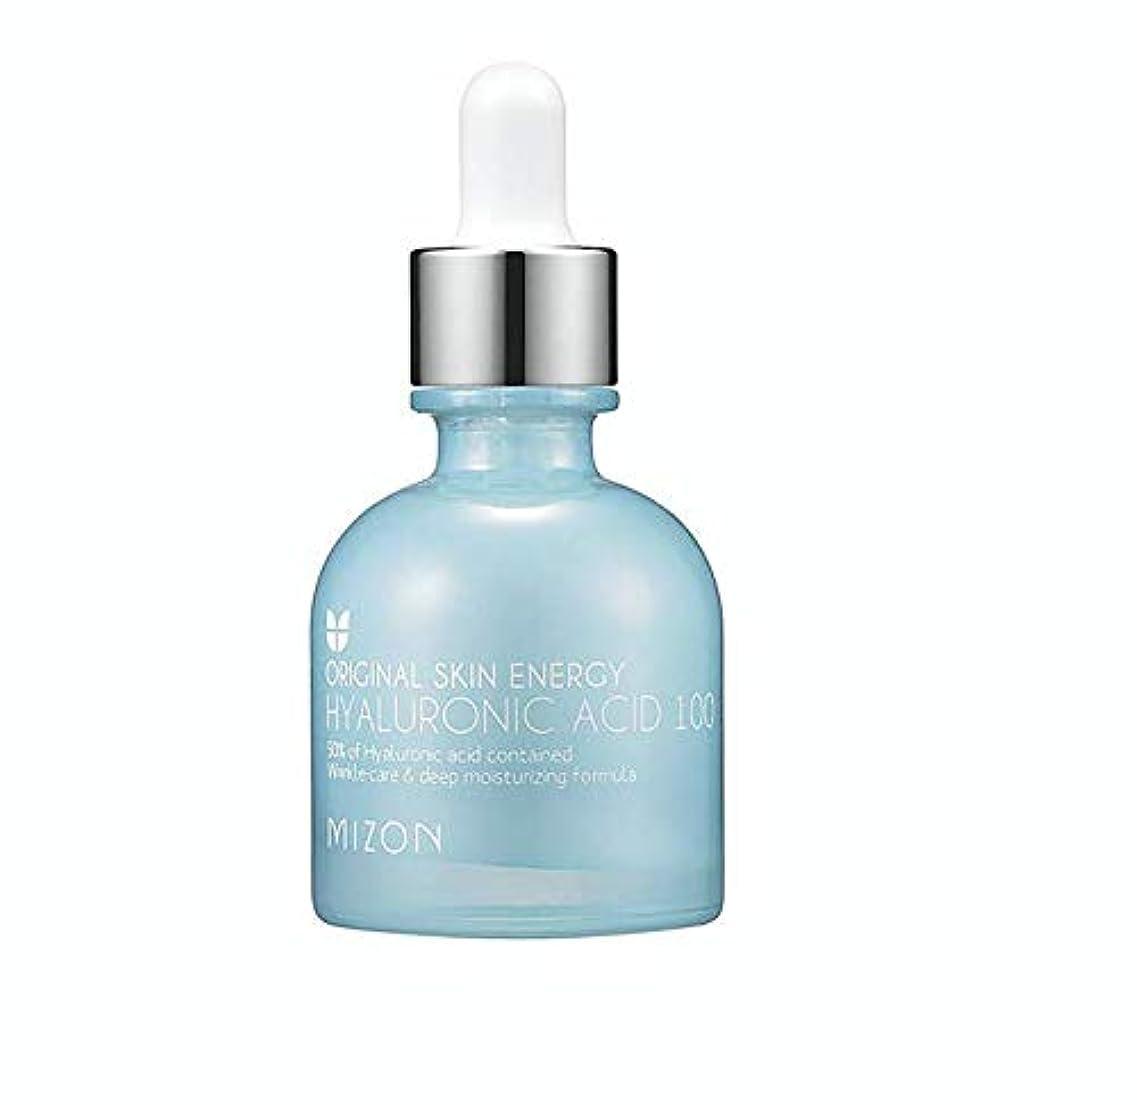 デンマーク語スクラブコーンMIZON Original Skin Energy Hyaluronic Acid 100 (並行輸入品)